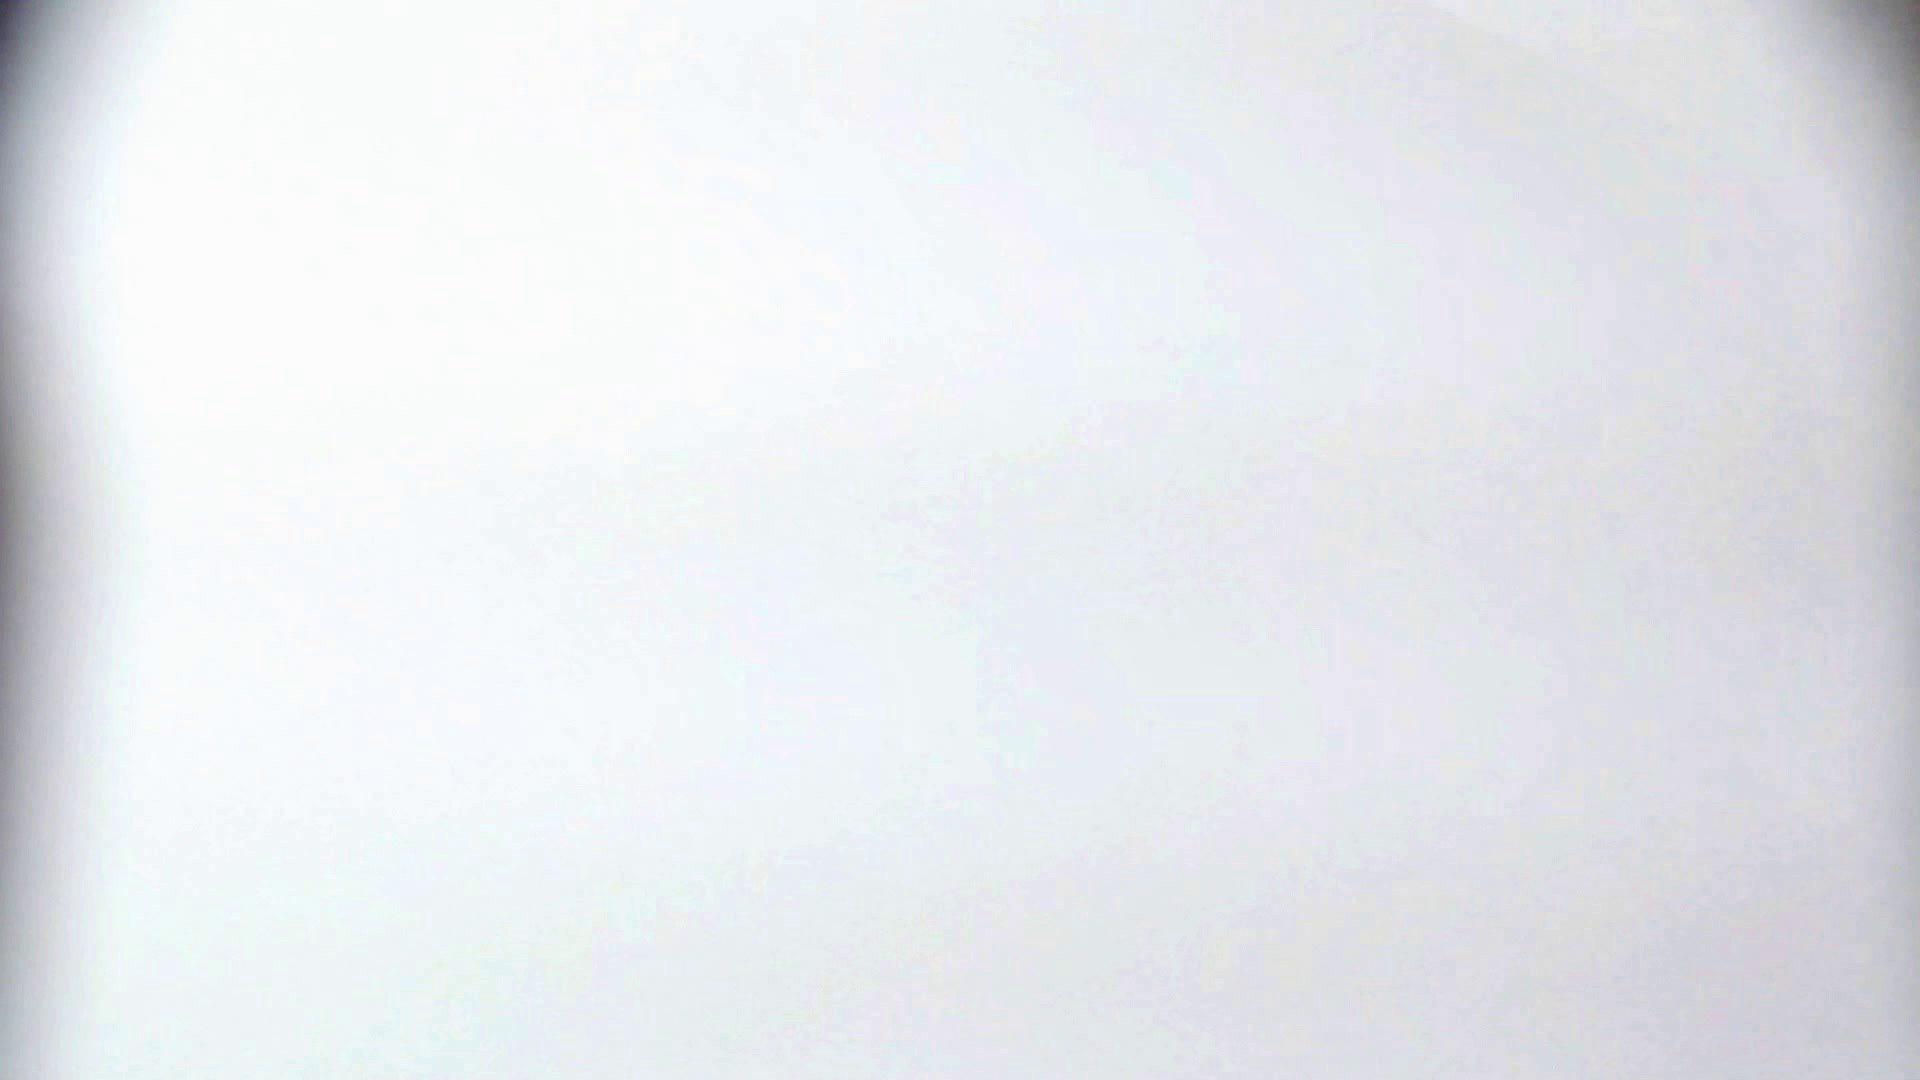 別冊「洗面所突入レポート!!」【閲覧注意!】シート的な物に興味のある方のみ! 洗面所  90PIX 64